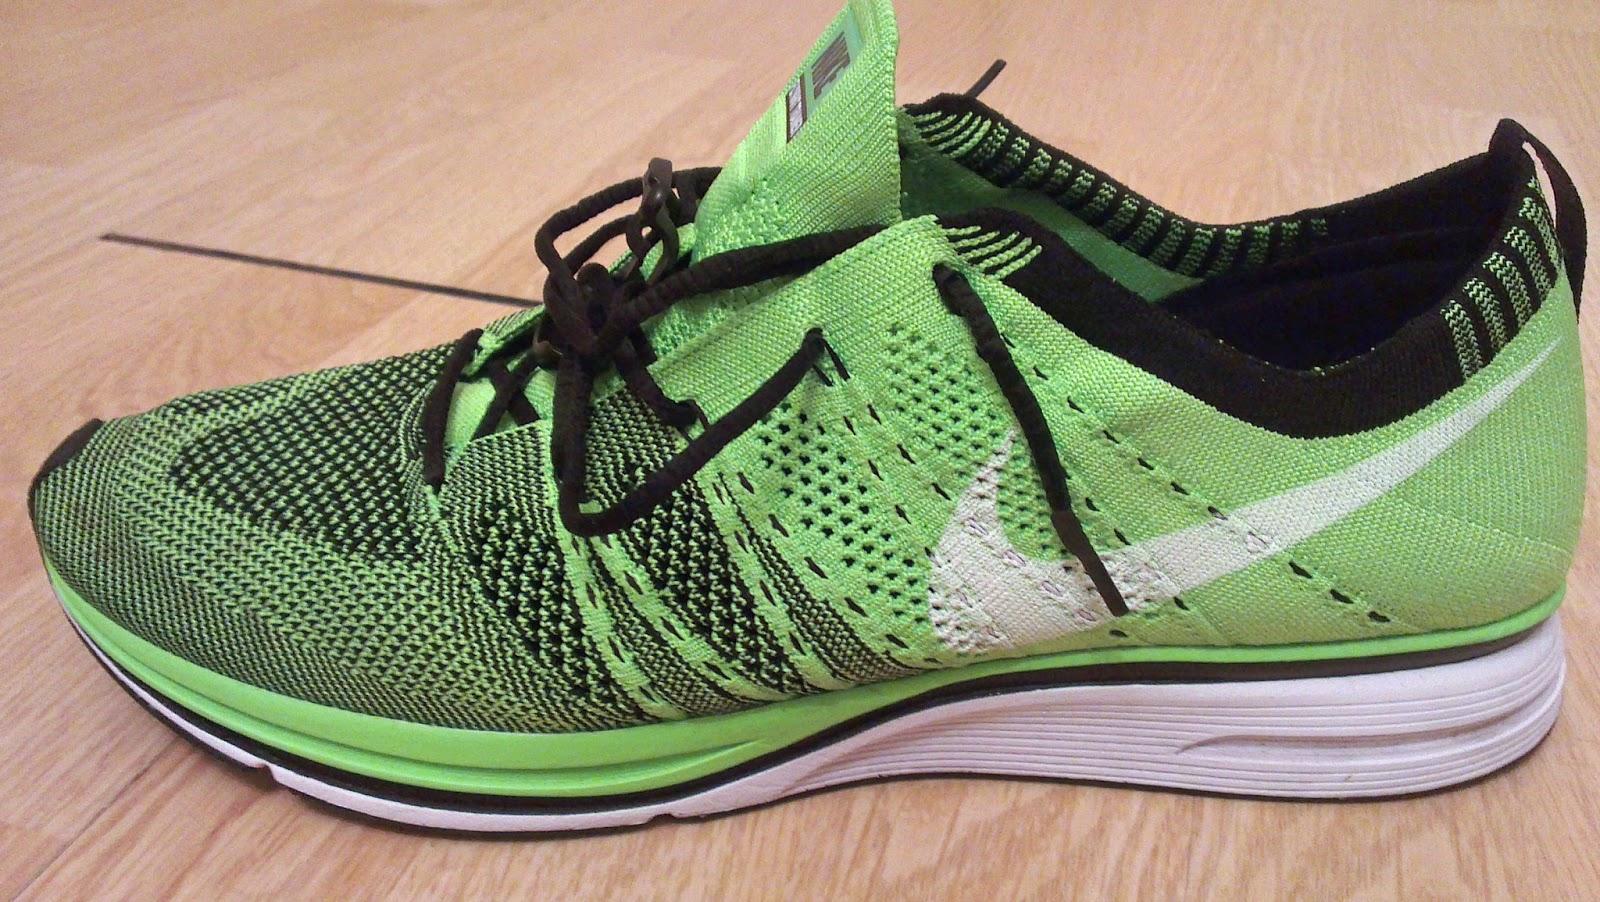 Desmantelar bordillo analogía  Run Because You Can... (Do it): Nike - Flyknit Trainer Review